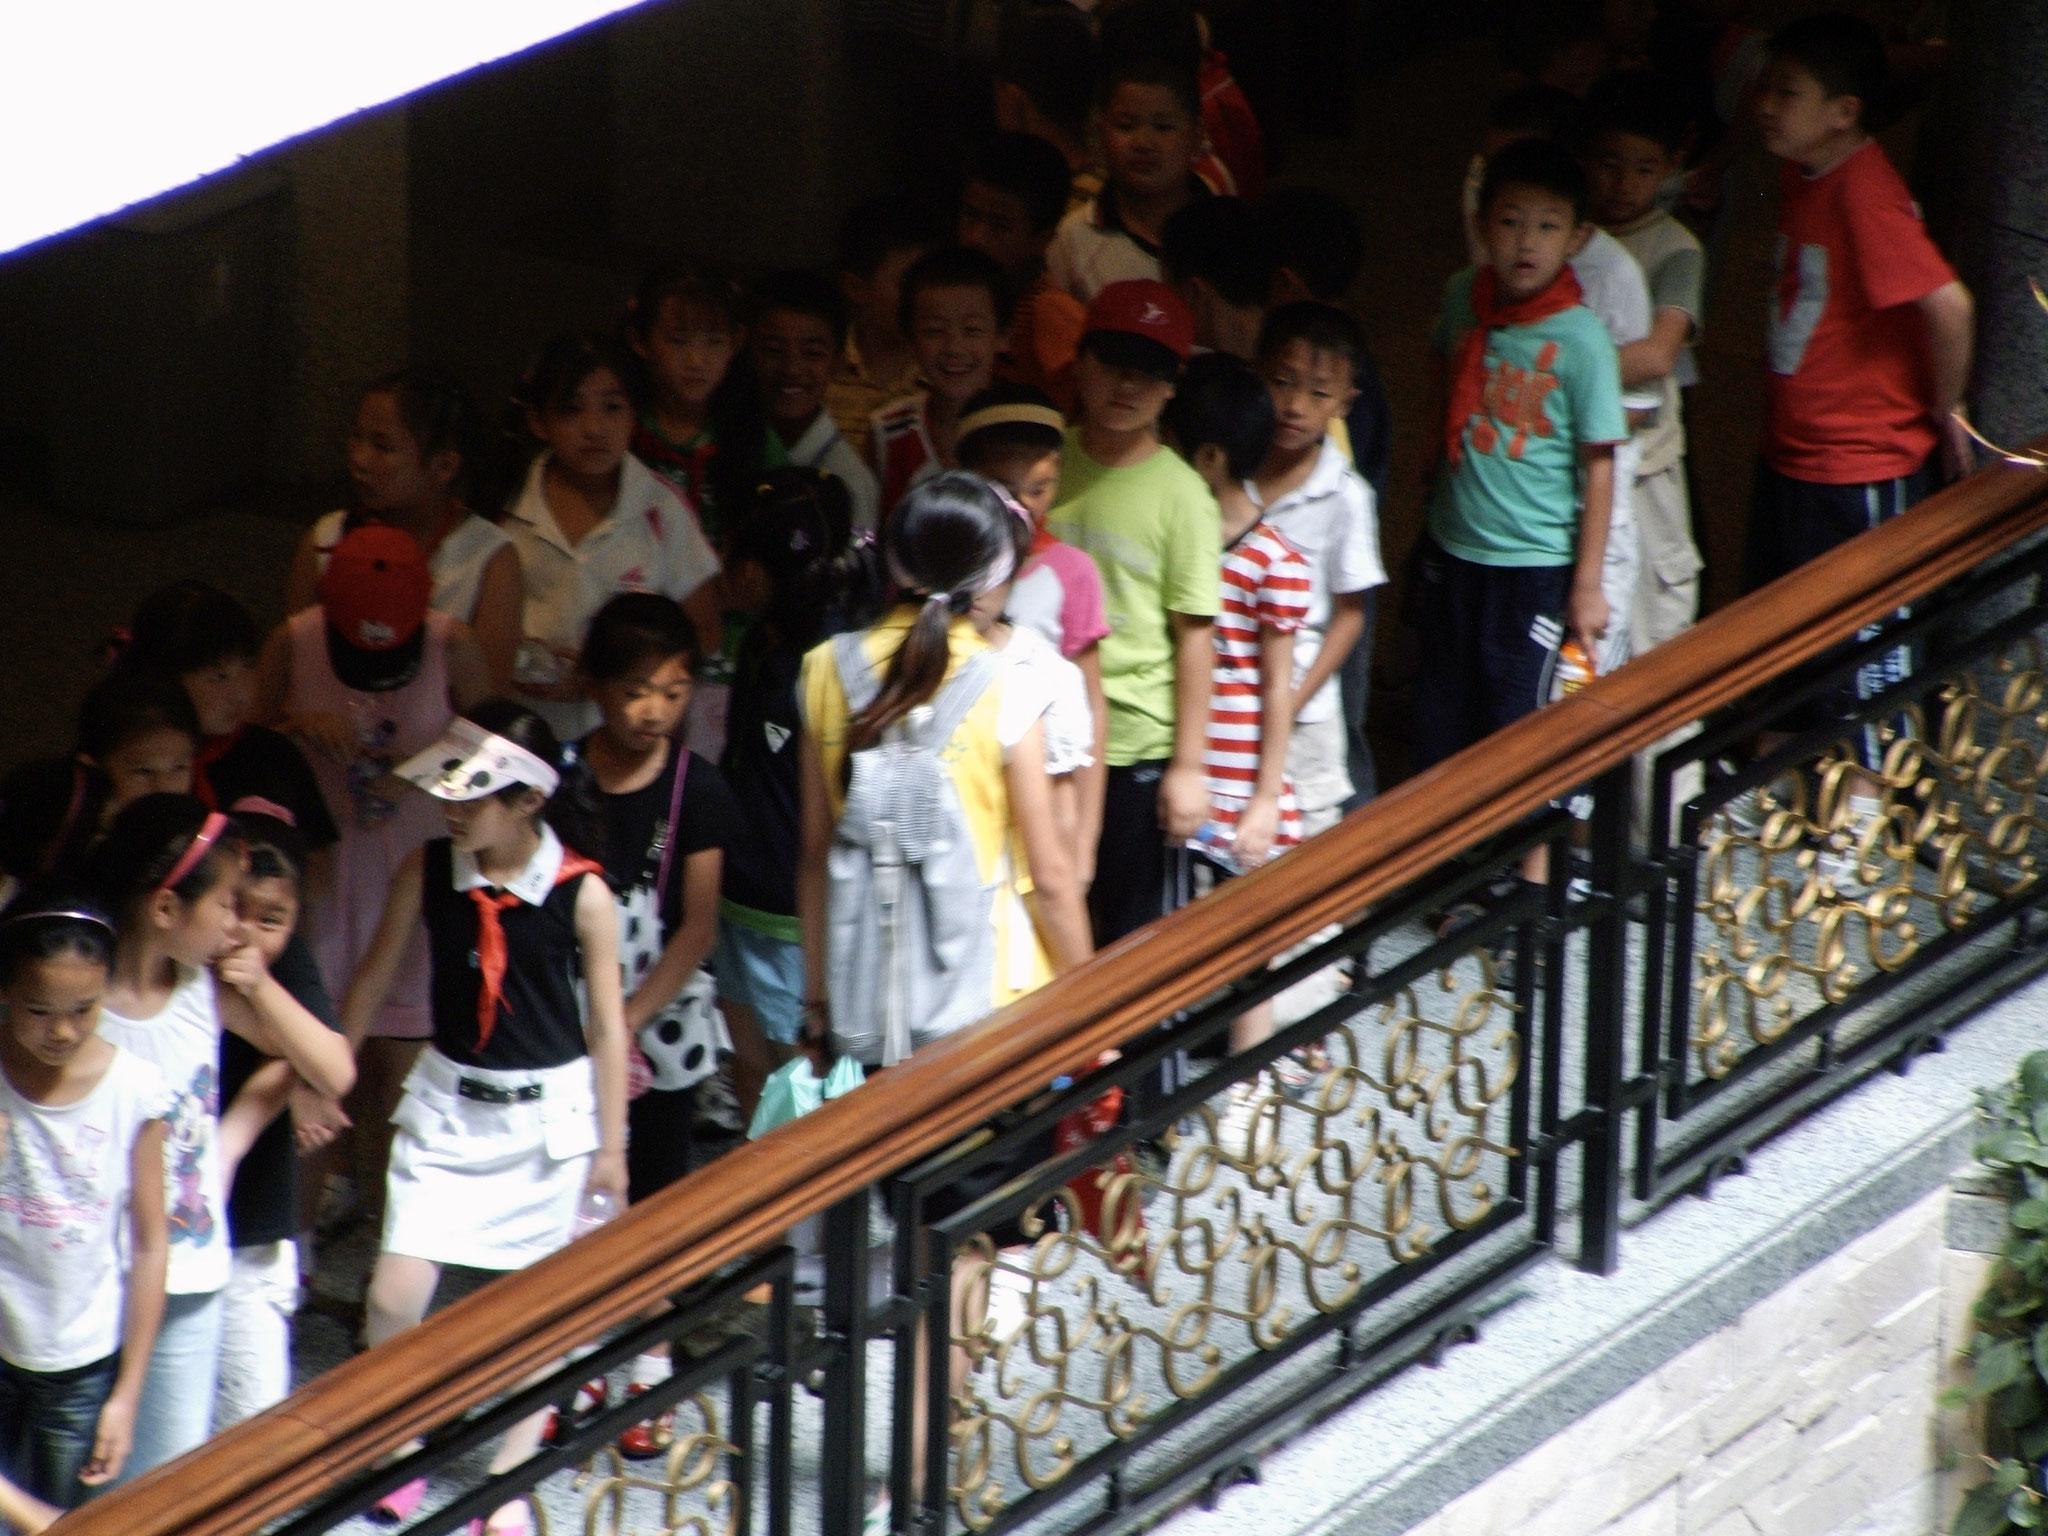 School excursion, Shanghai Museum